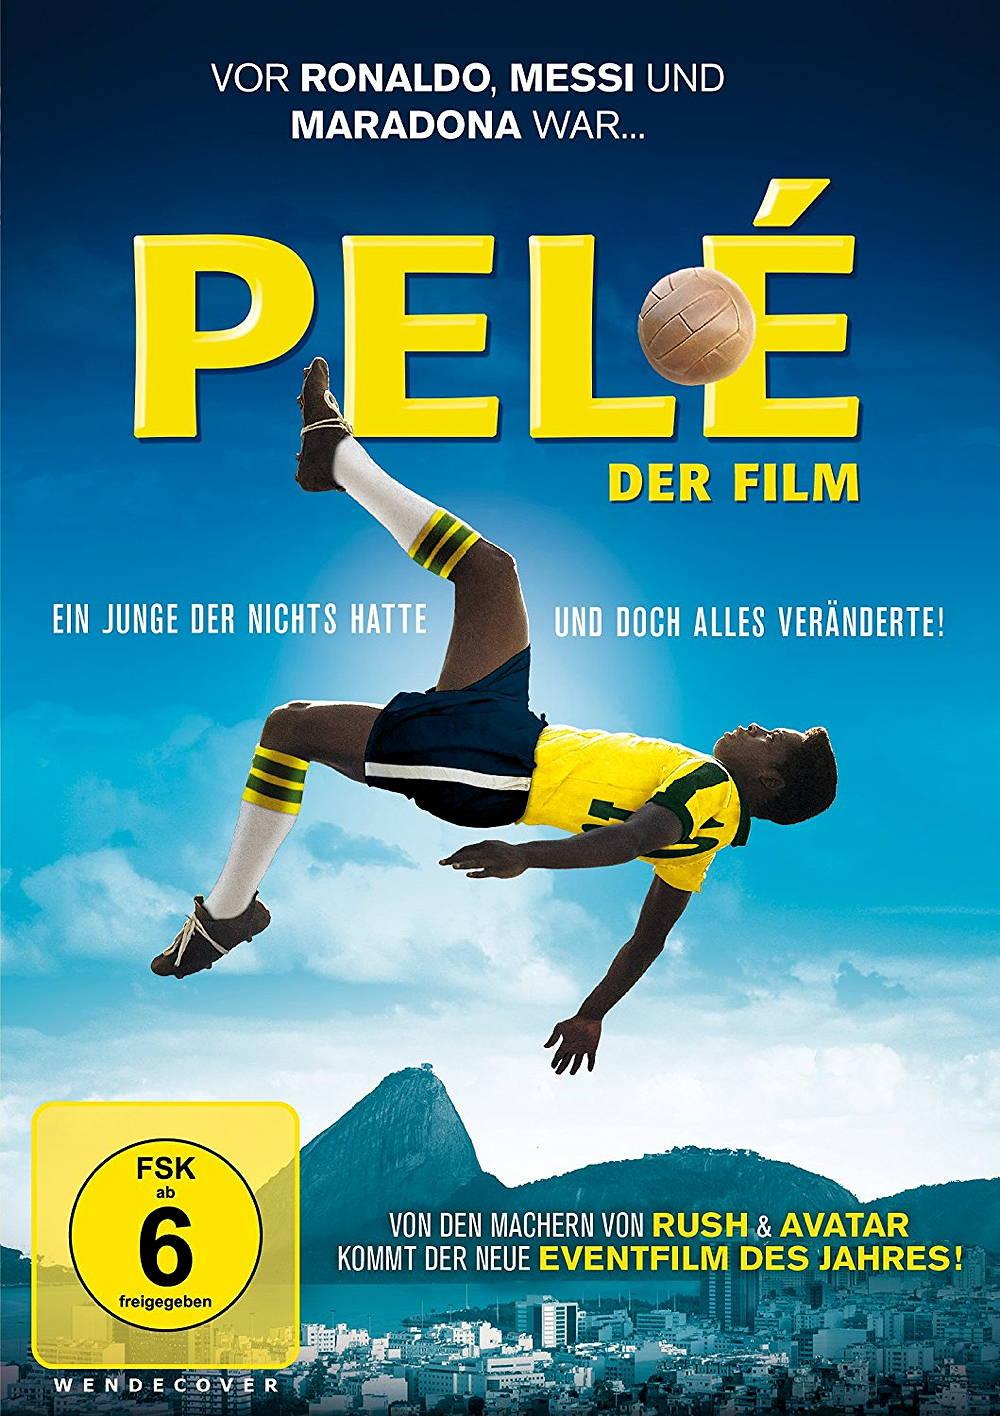 Pele Film